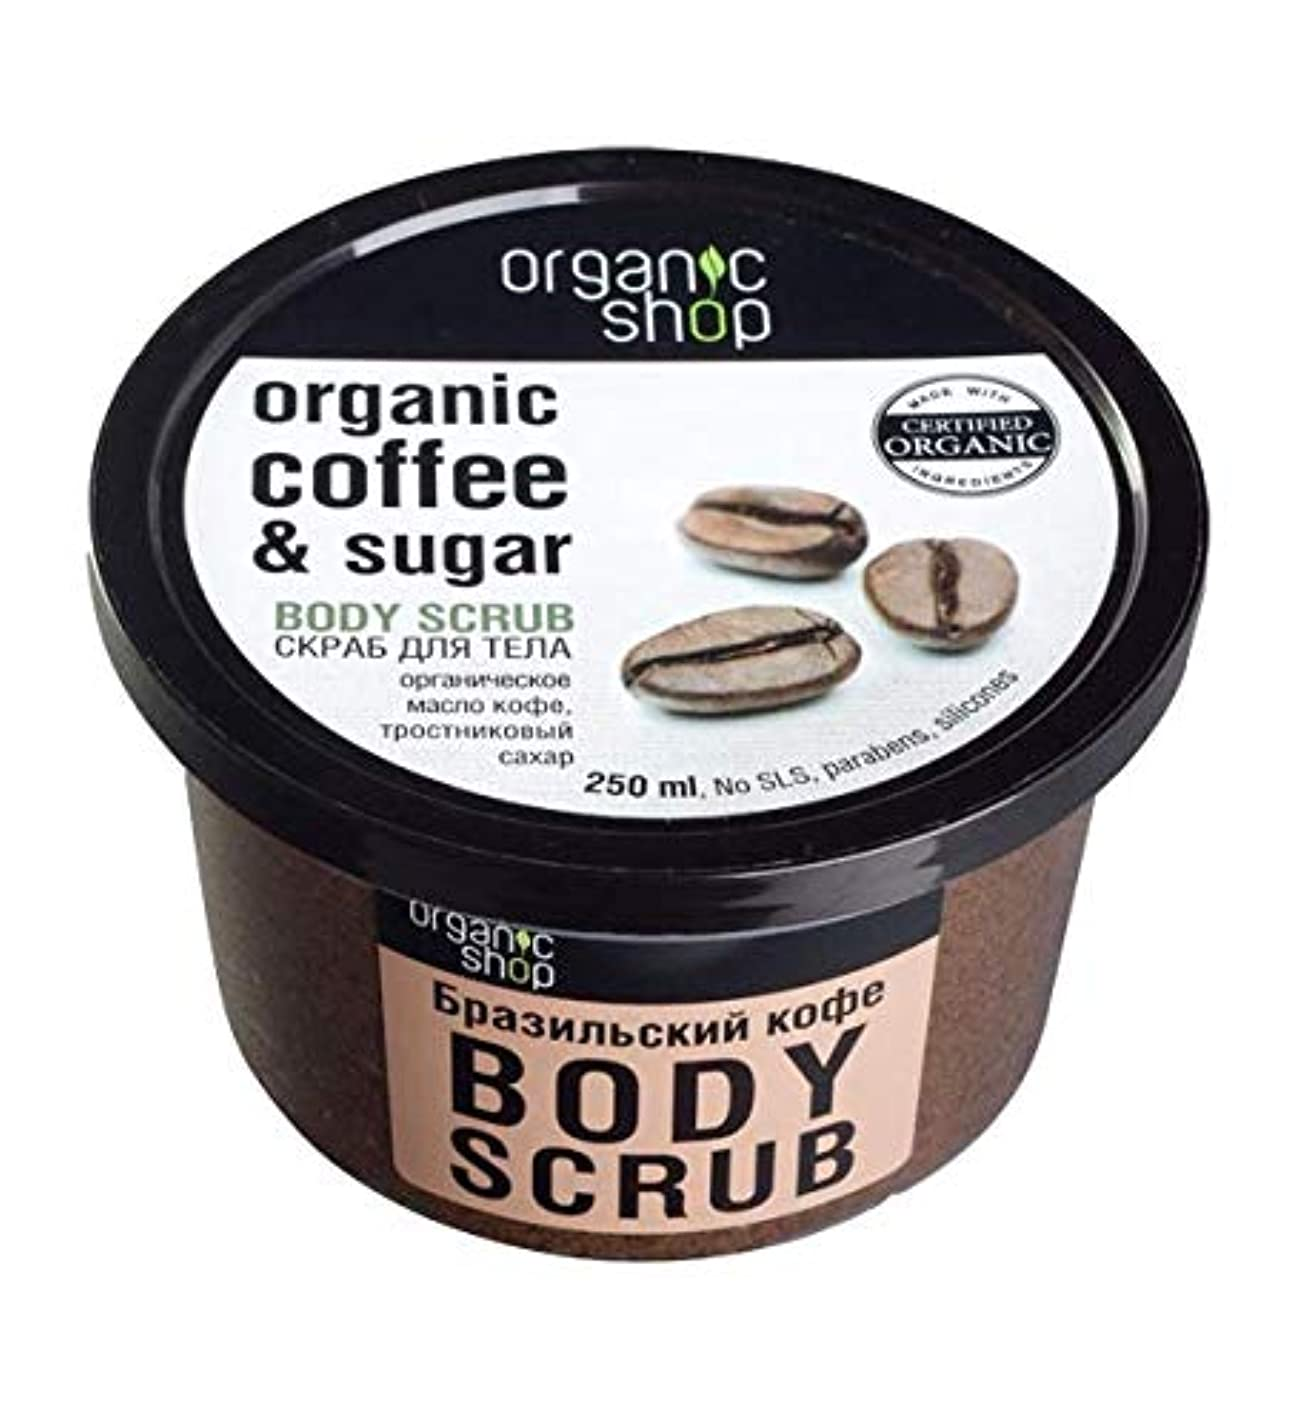 更新するゲージ望まない【話題沸騰中】ロシア産 ORGANIC SHOP オーガニック ショップ ボディスクラブ coffee&sugar 250ml 「ブラジルコーヒー」